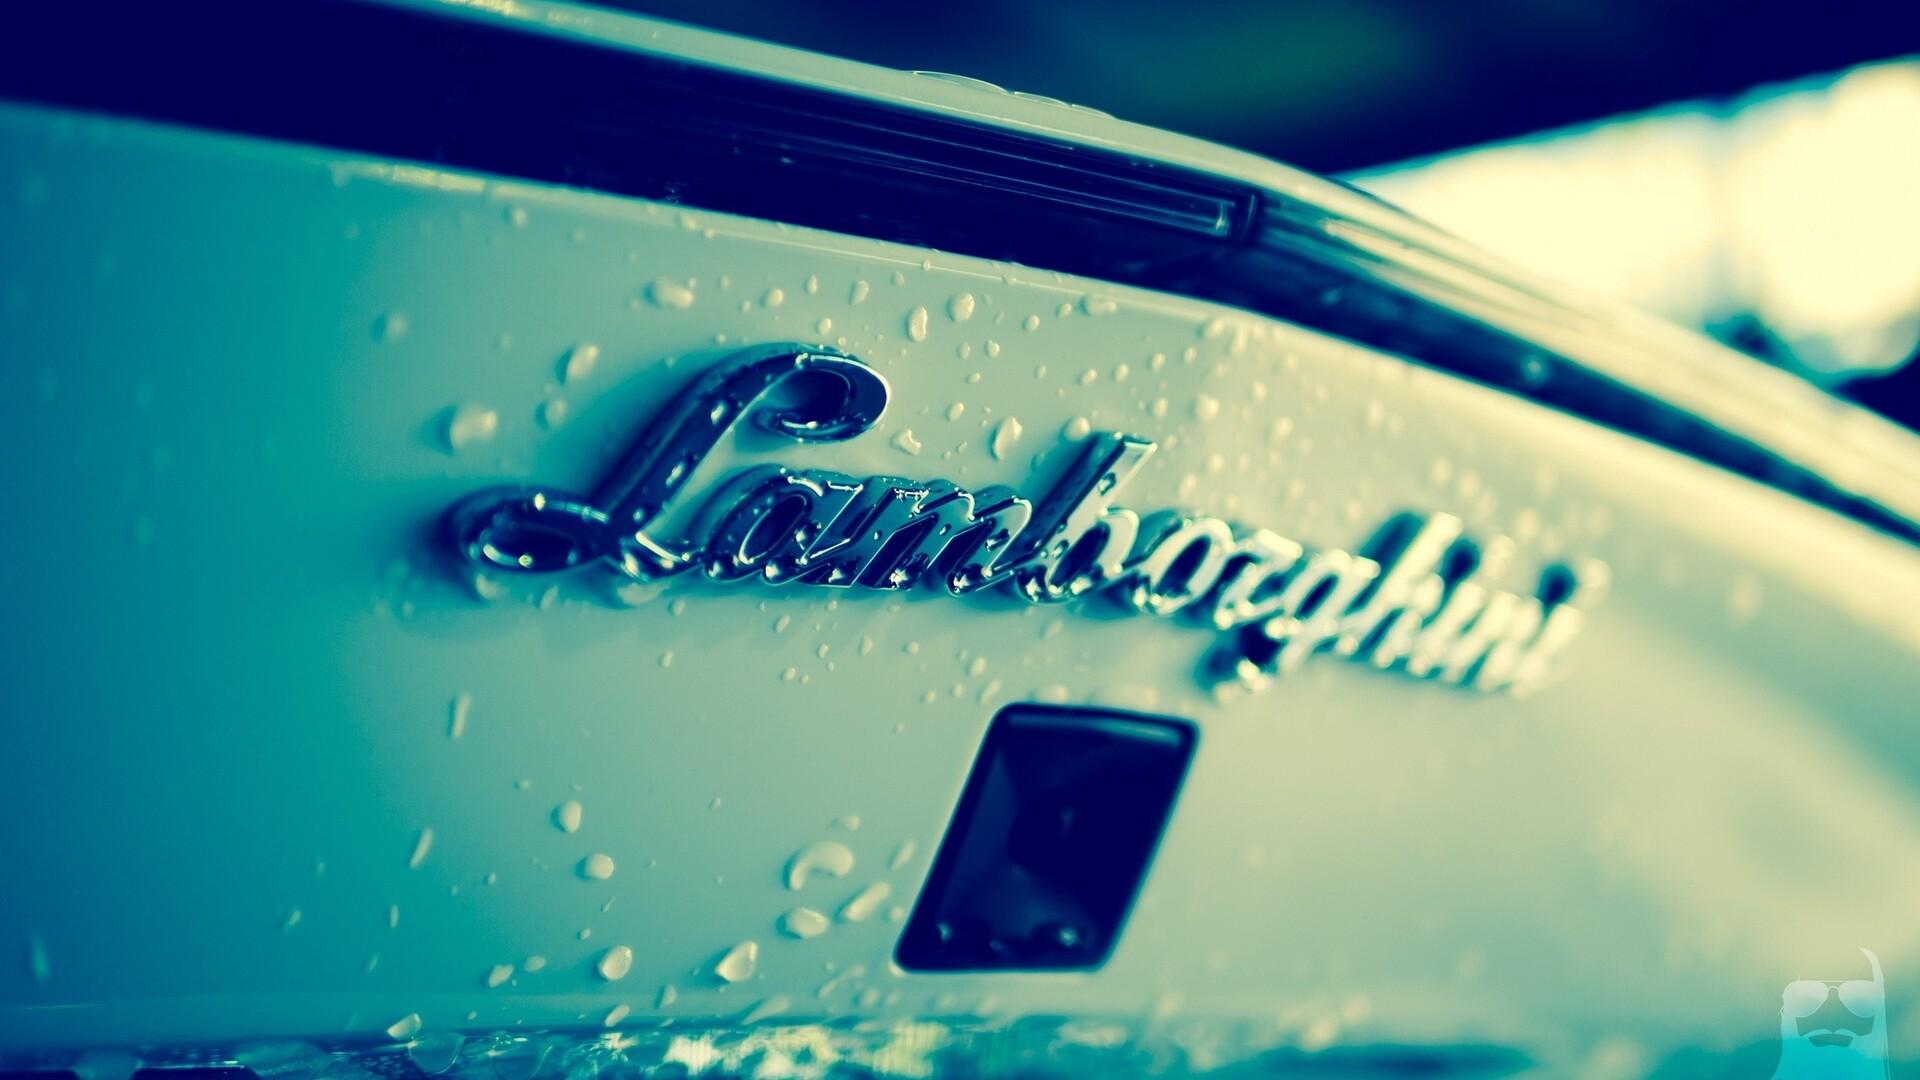 1920x1080 Lamborghini Logo Laptop Full Hd 1080p Hd 4k Wallpapers